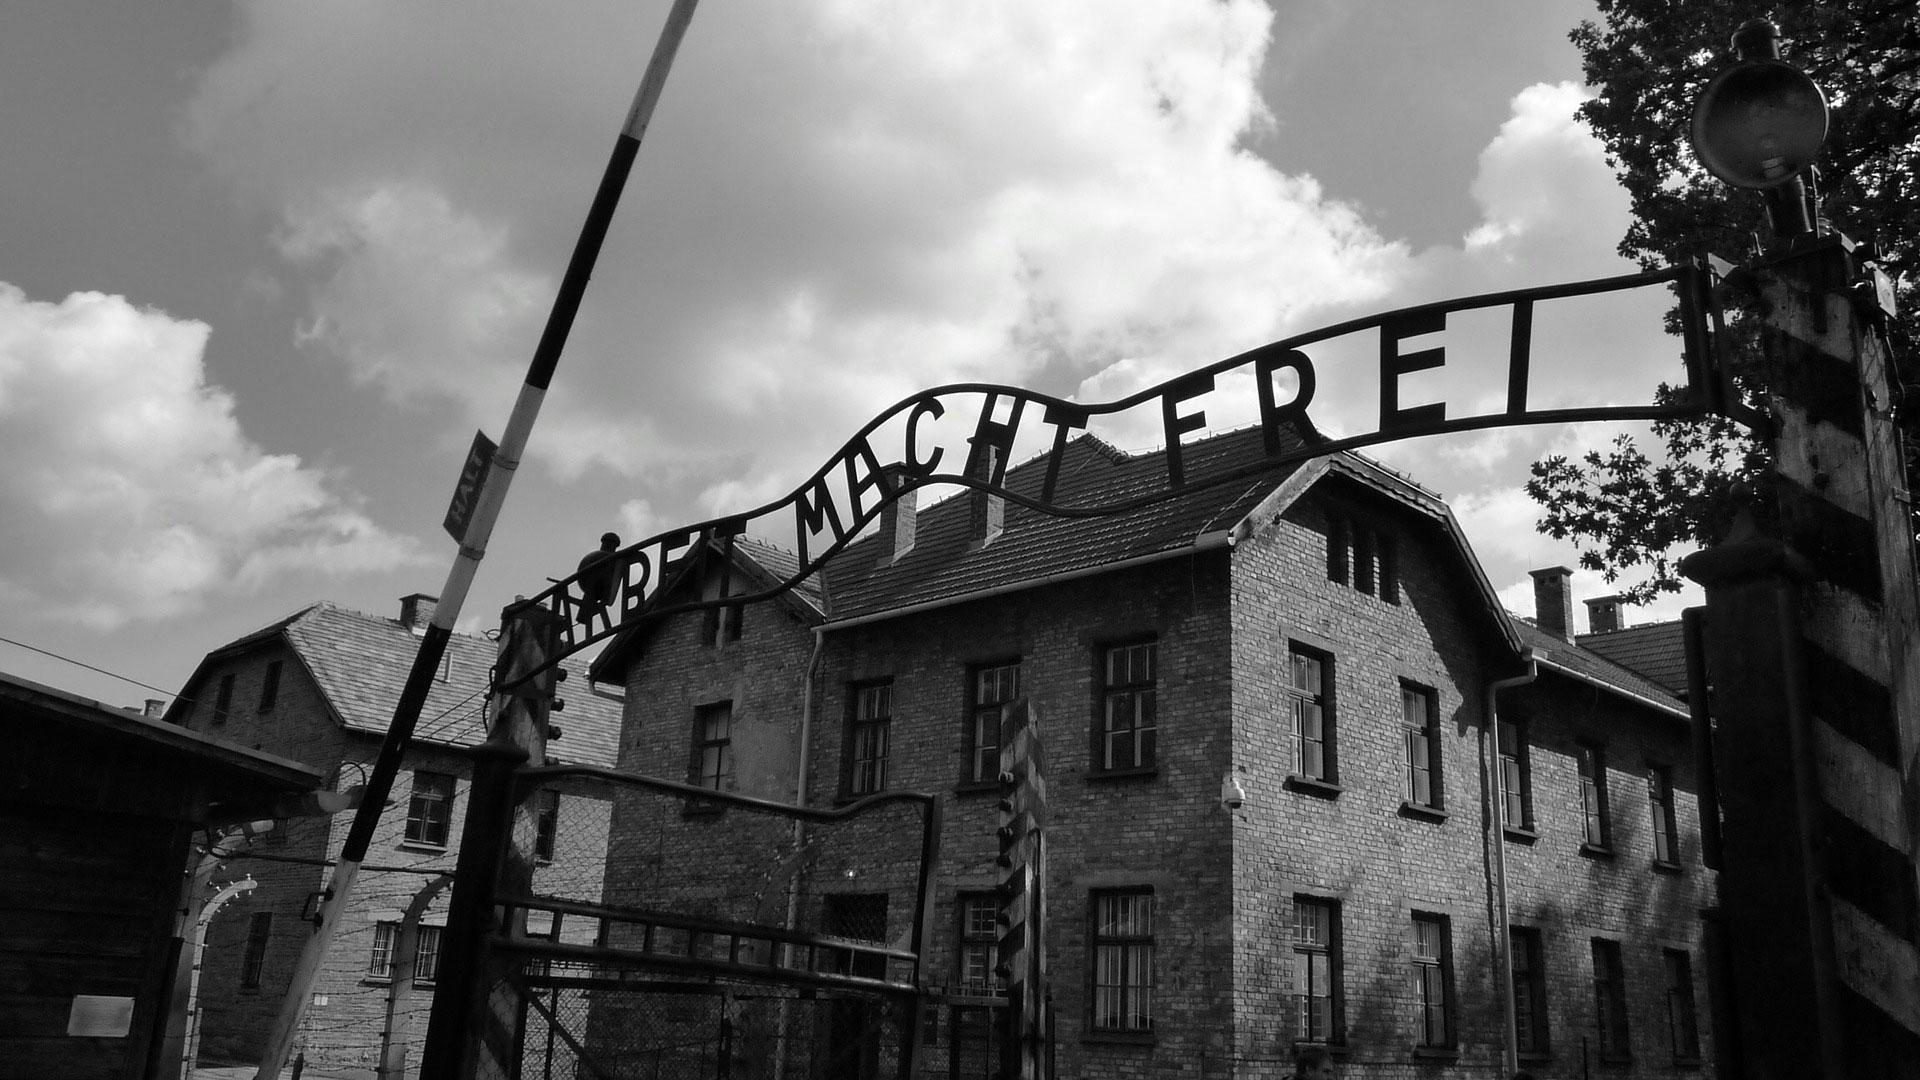 La mayoría de los prisioneros llegaban al campo en tren, después de un terrible viaje en vagones de carga que duraba varios días sin comida ni agua.